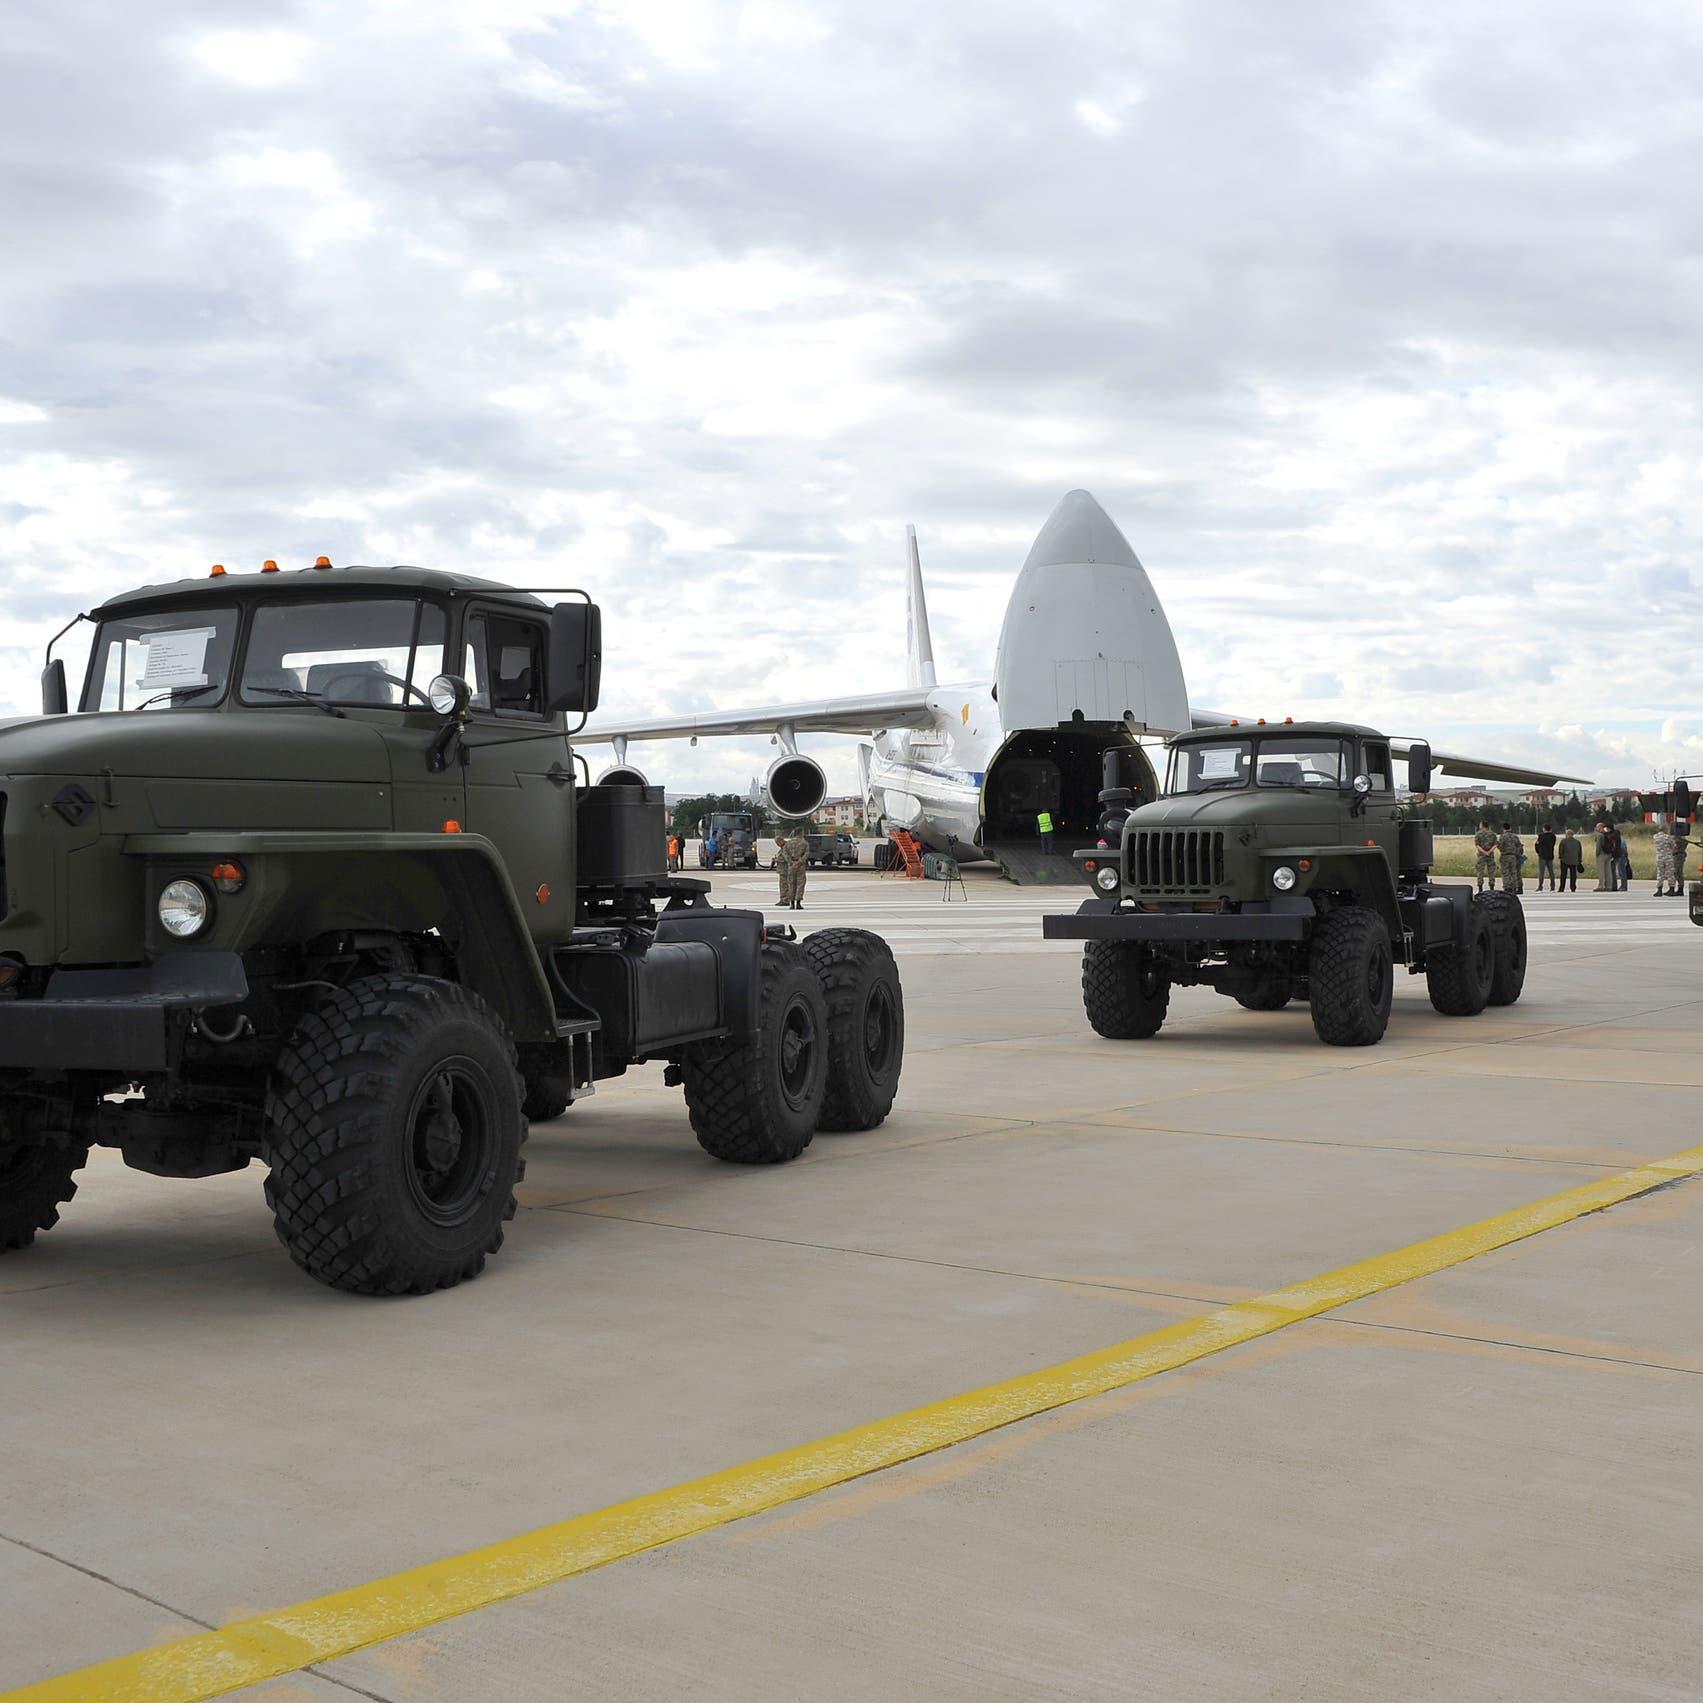 روسيا وتركيا تعملان على عقد جديد لصواريخ إس-400